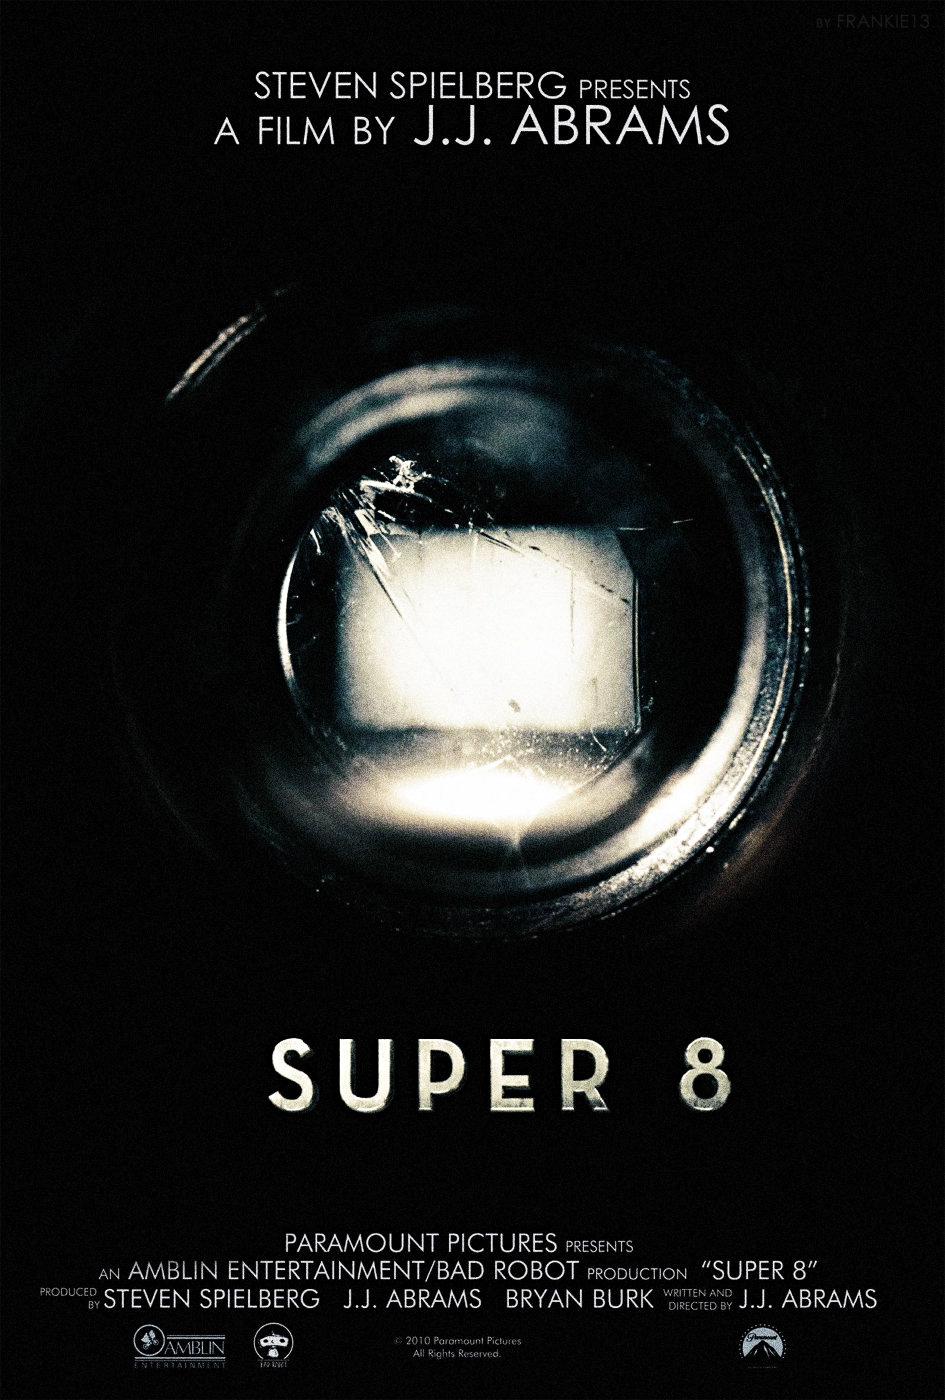 คลิป Super 8 ซูเปอร์ 8 มหาวิบัติลับสะเทือนโลก Trailer